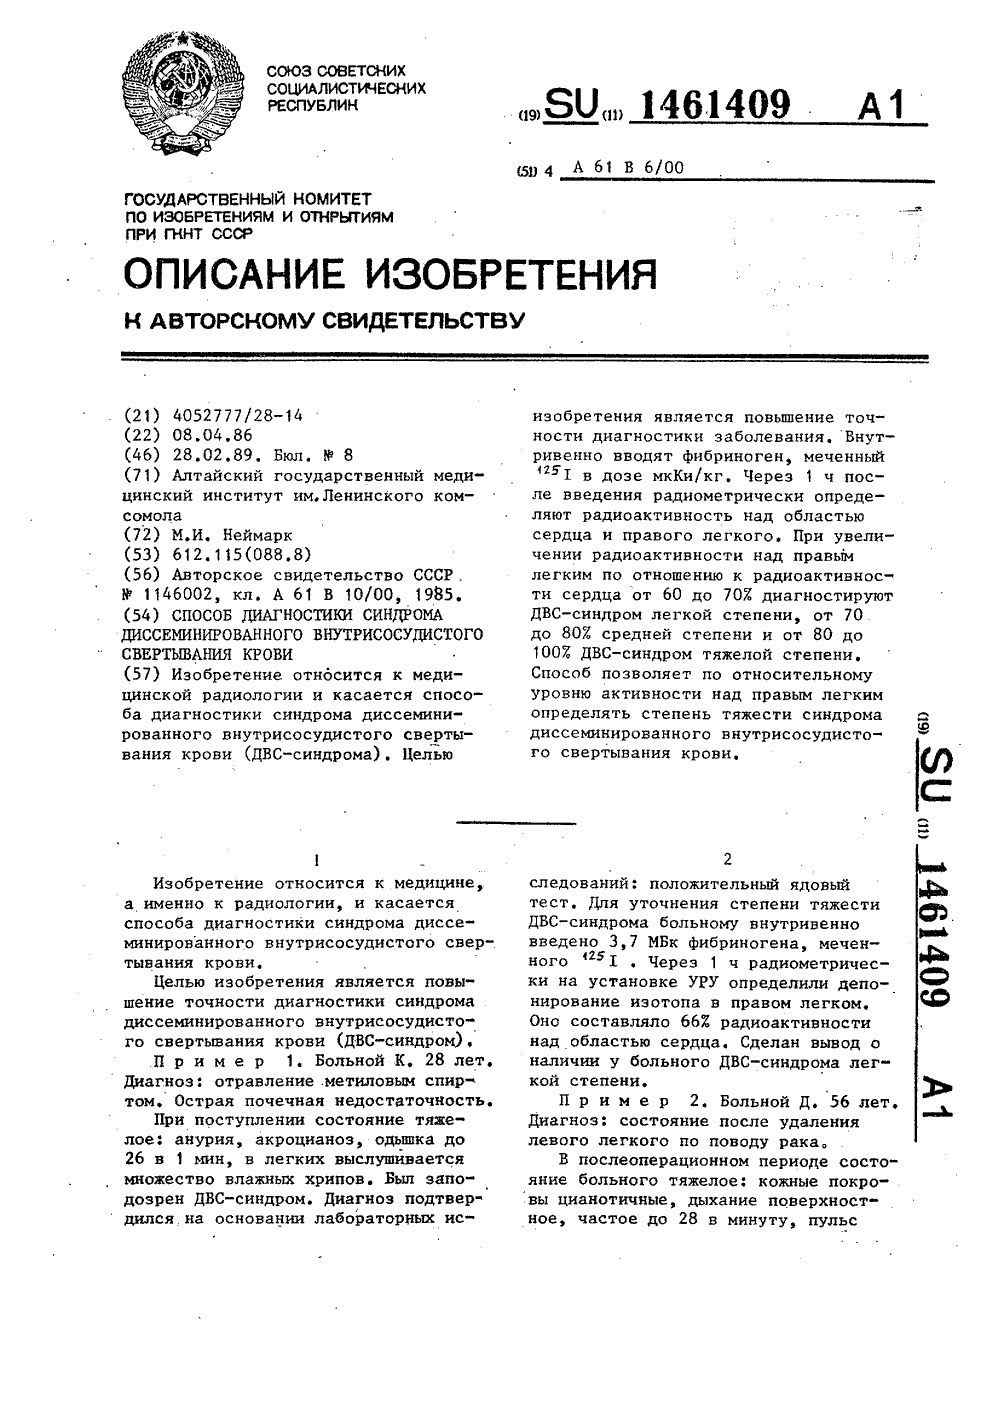 Лечение синдрома диссеминированного внутрисосудистого свертывания крови